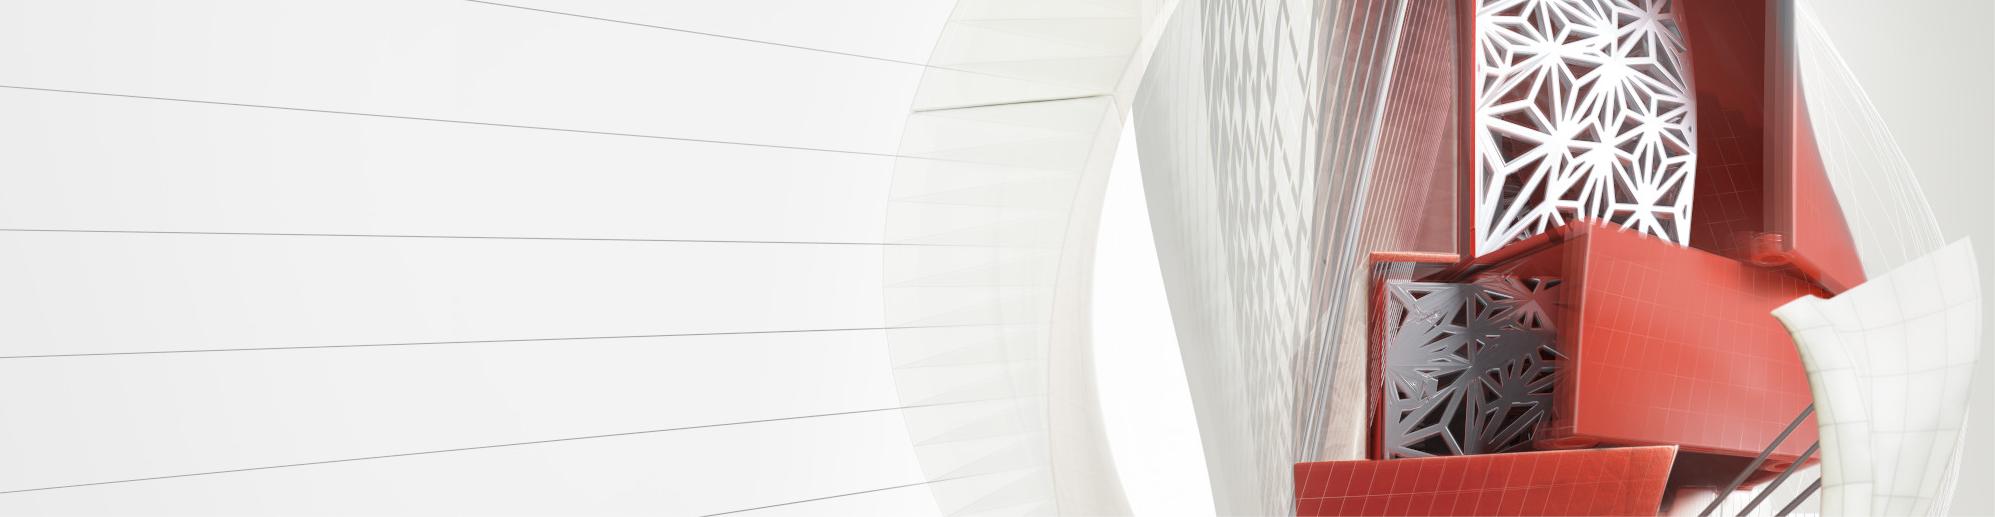 AutoCAD poziom II – szkolenie on-line